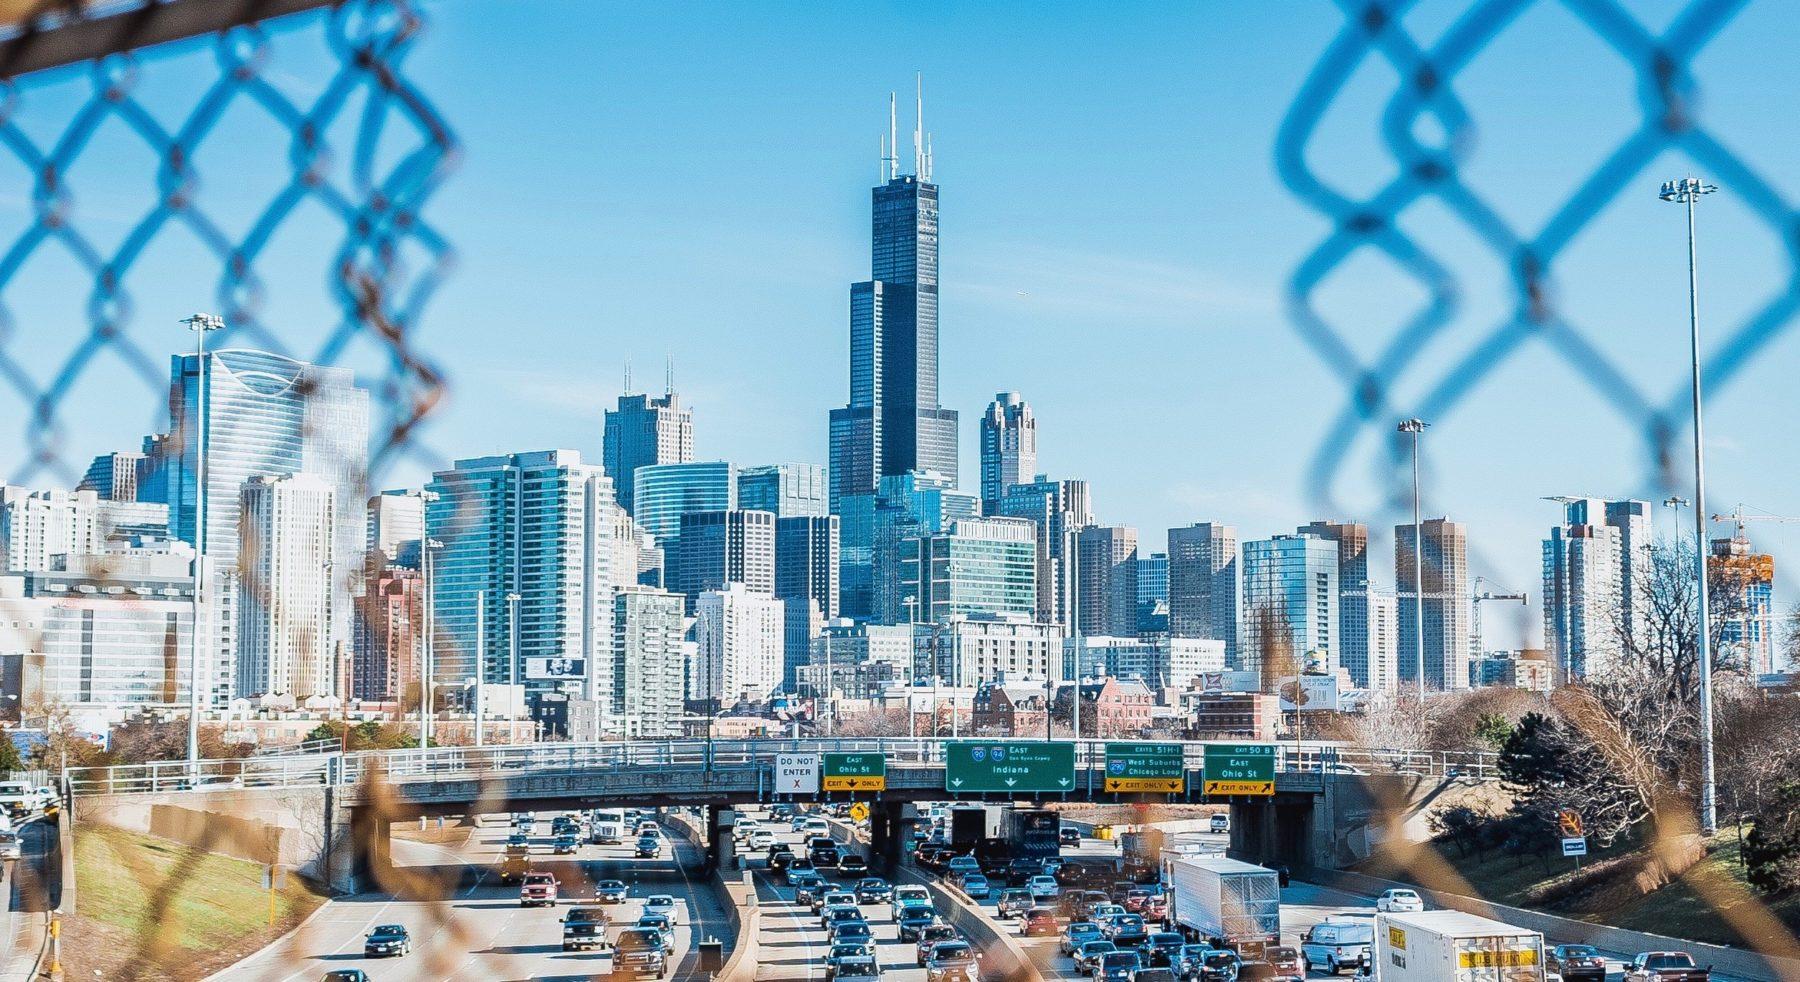 incontournables Chicago skyline